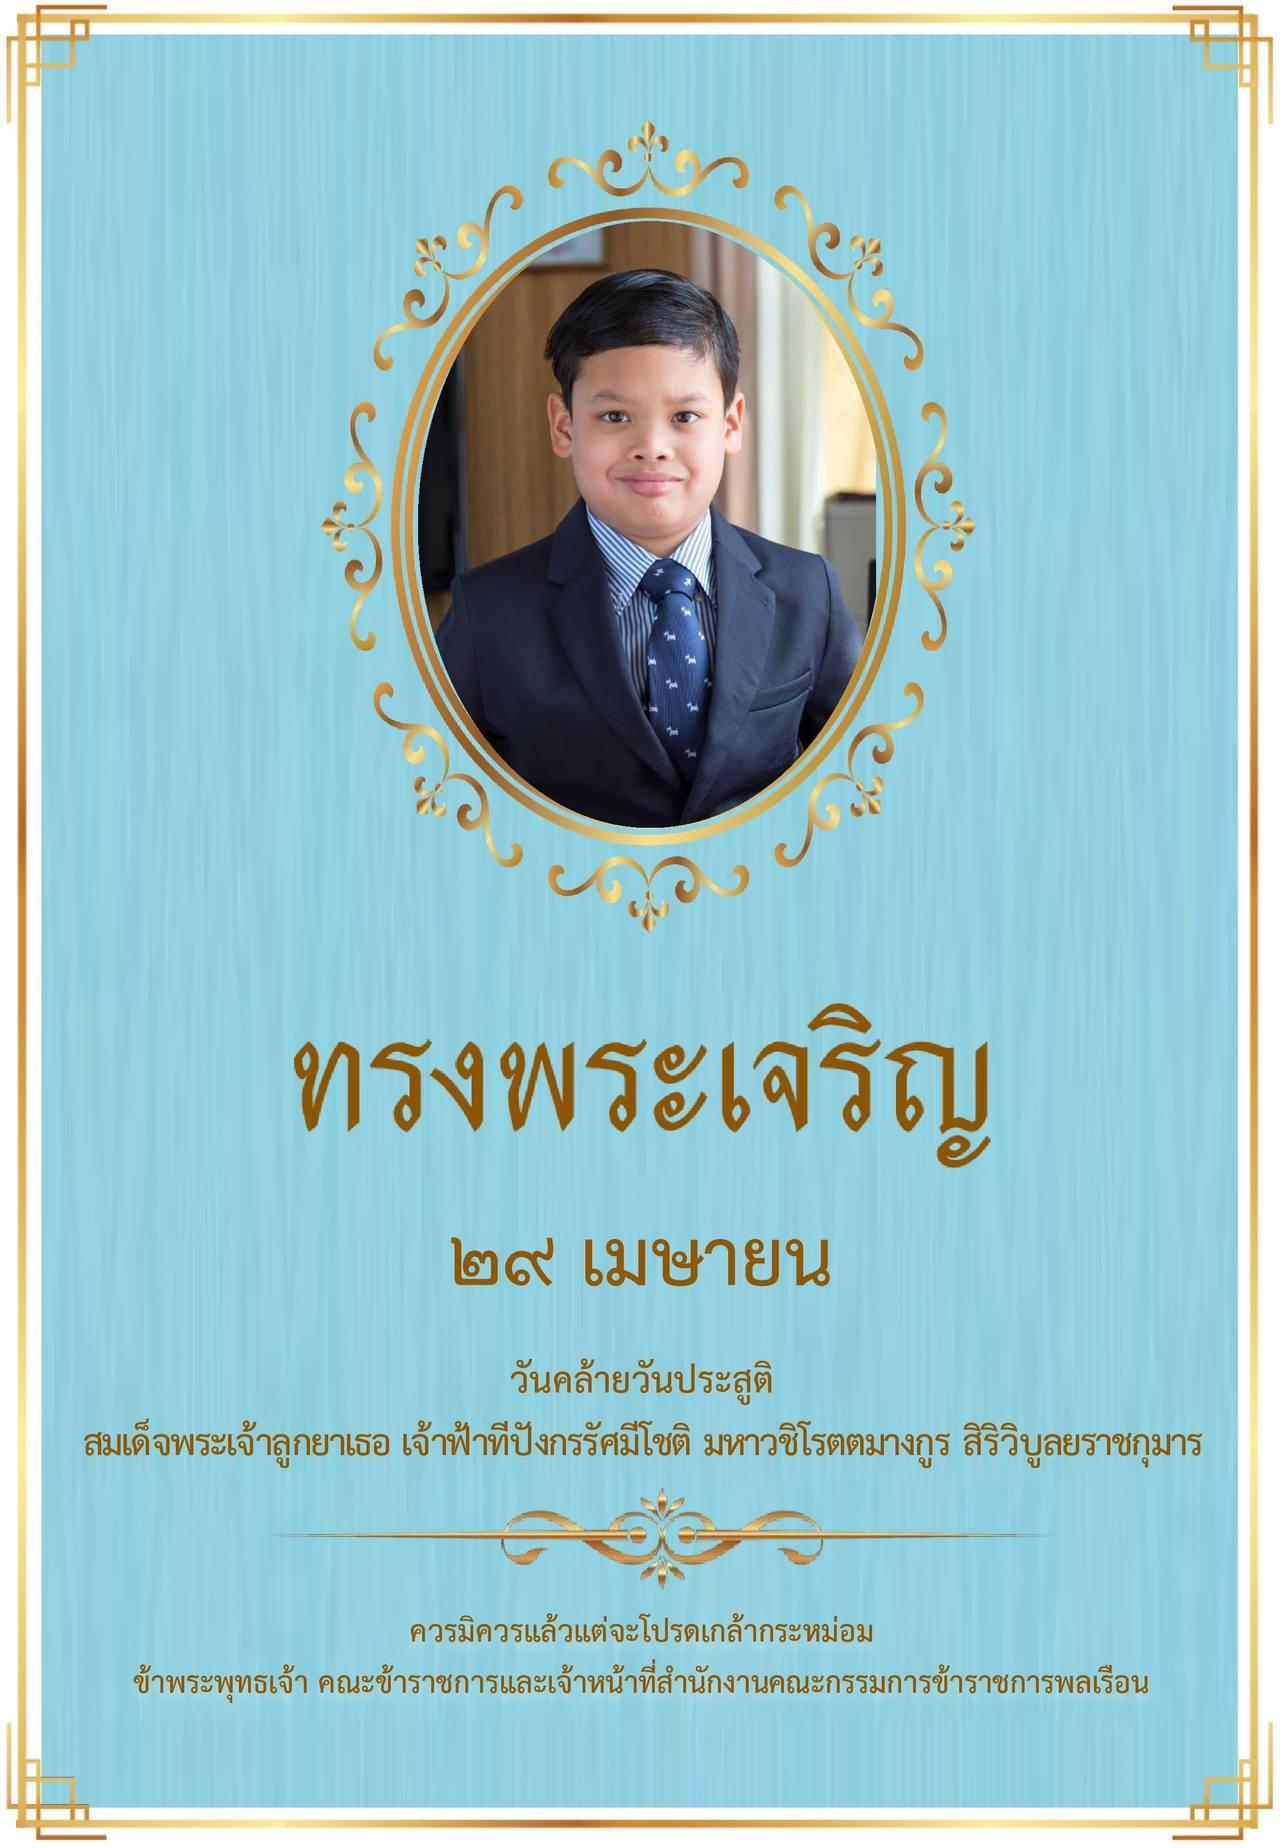 泰国王子庆16岁生日 被指有缺陷 被泰王丢到德国